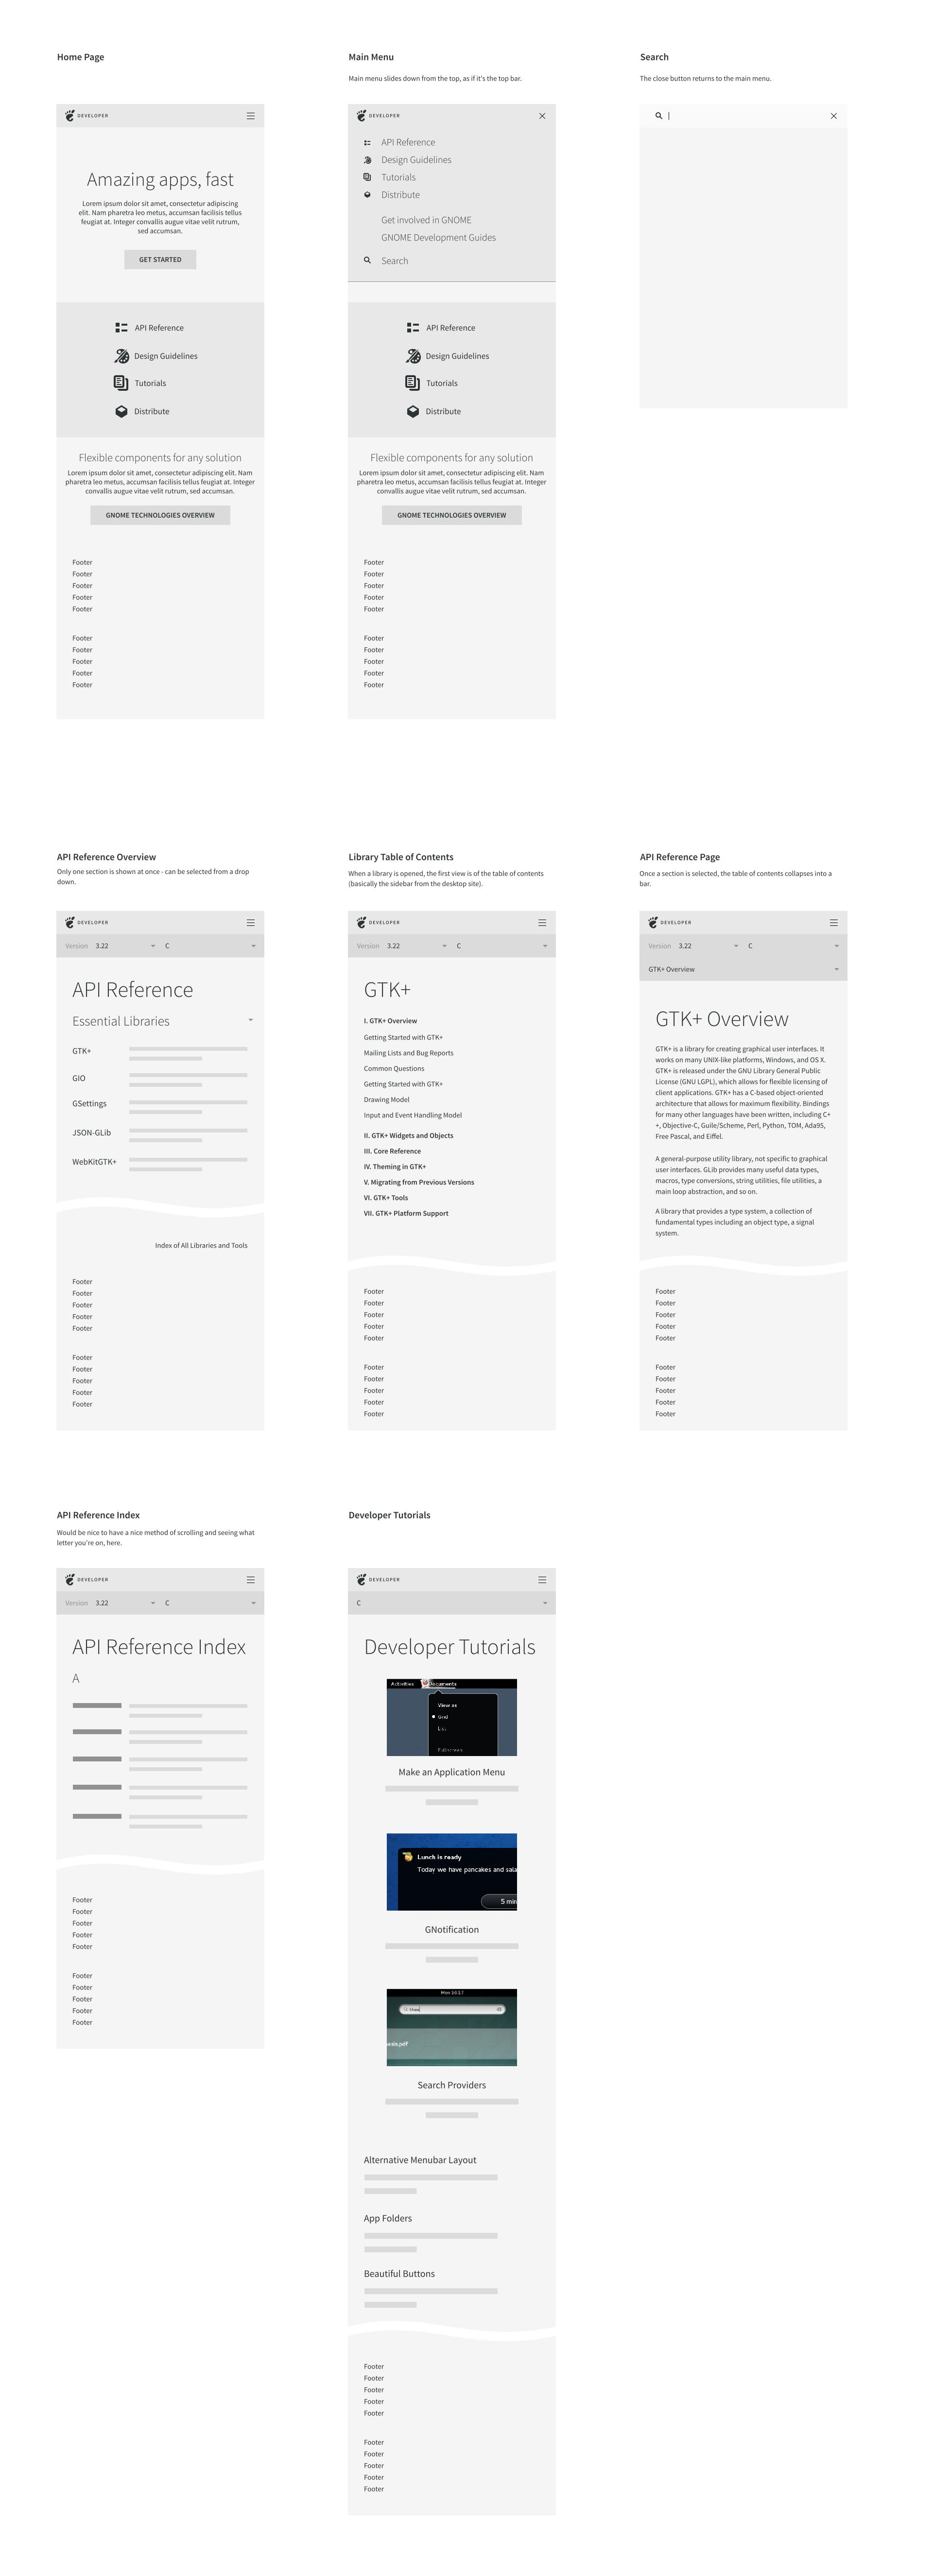 https://raw.githubusercontent.com/gnome-design-team/gnome-mockups/master/gnome-developer/gnome-developer-mobile.png